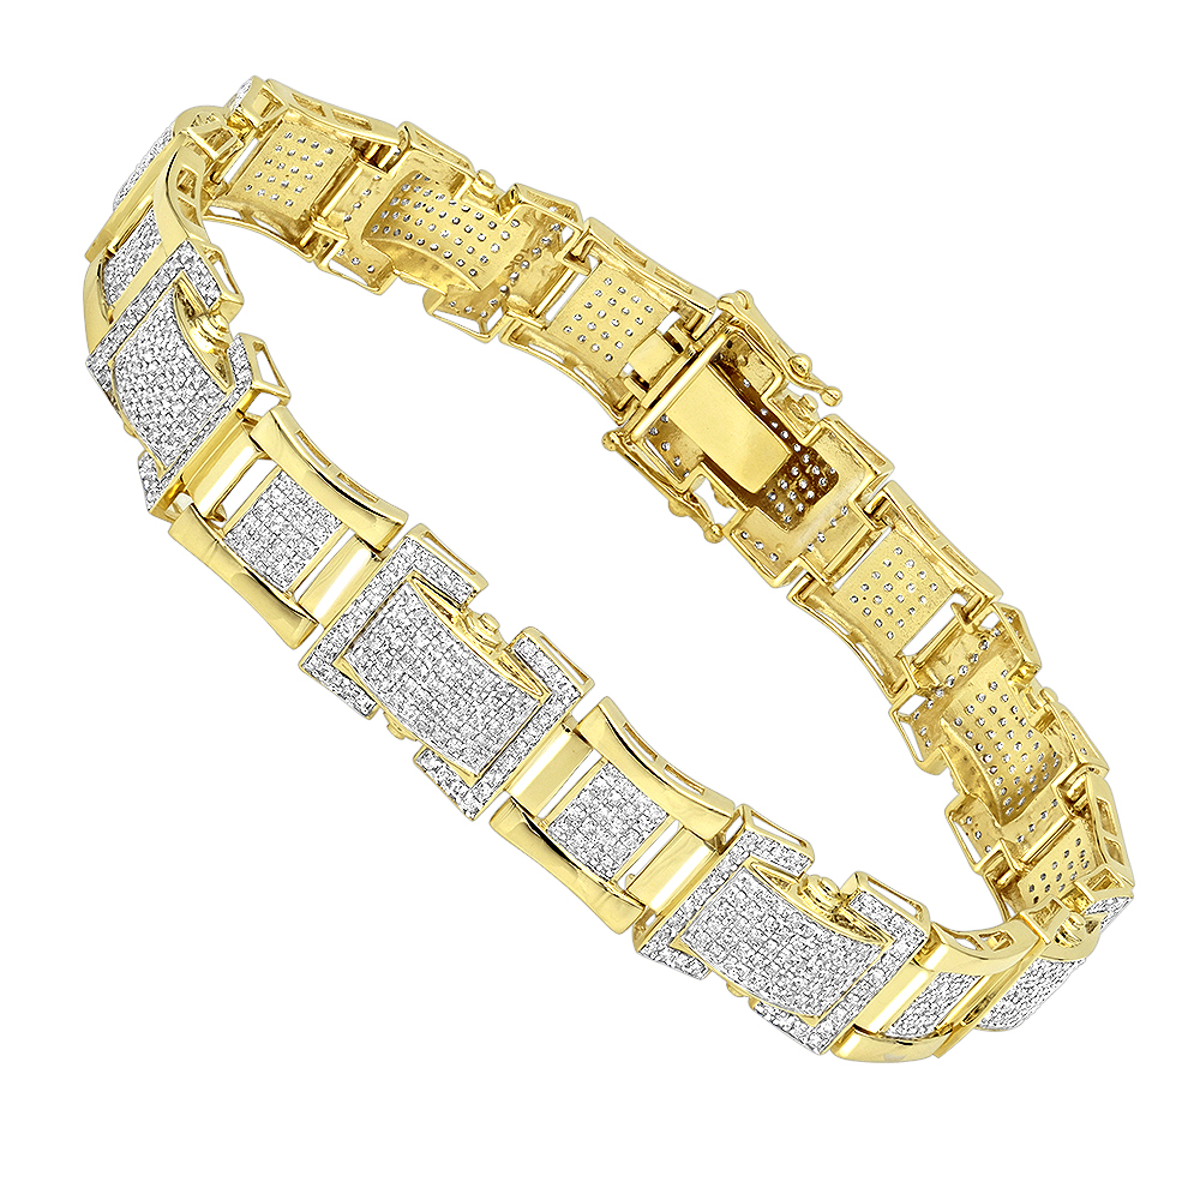 Solid 10K Gold Diamond Bracelet for Men 3.1ct by Luxurman